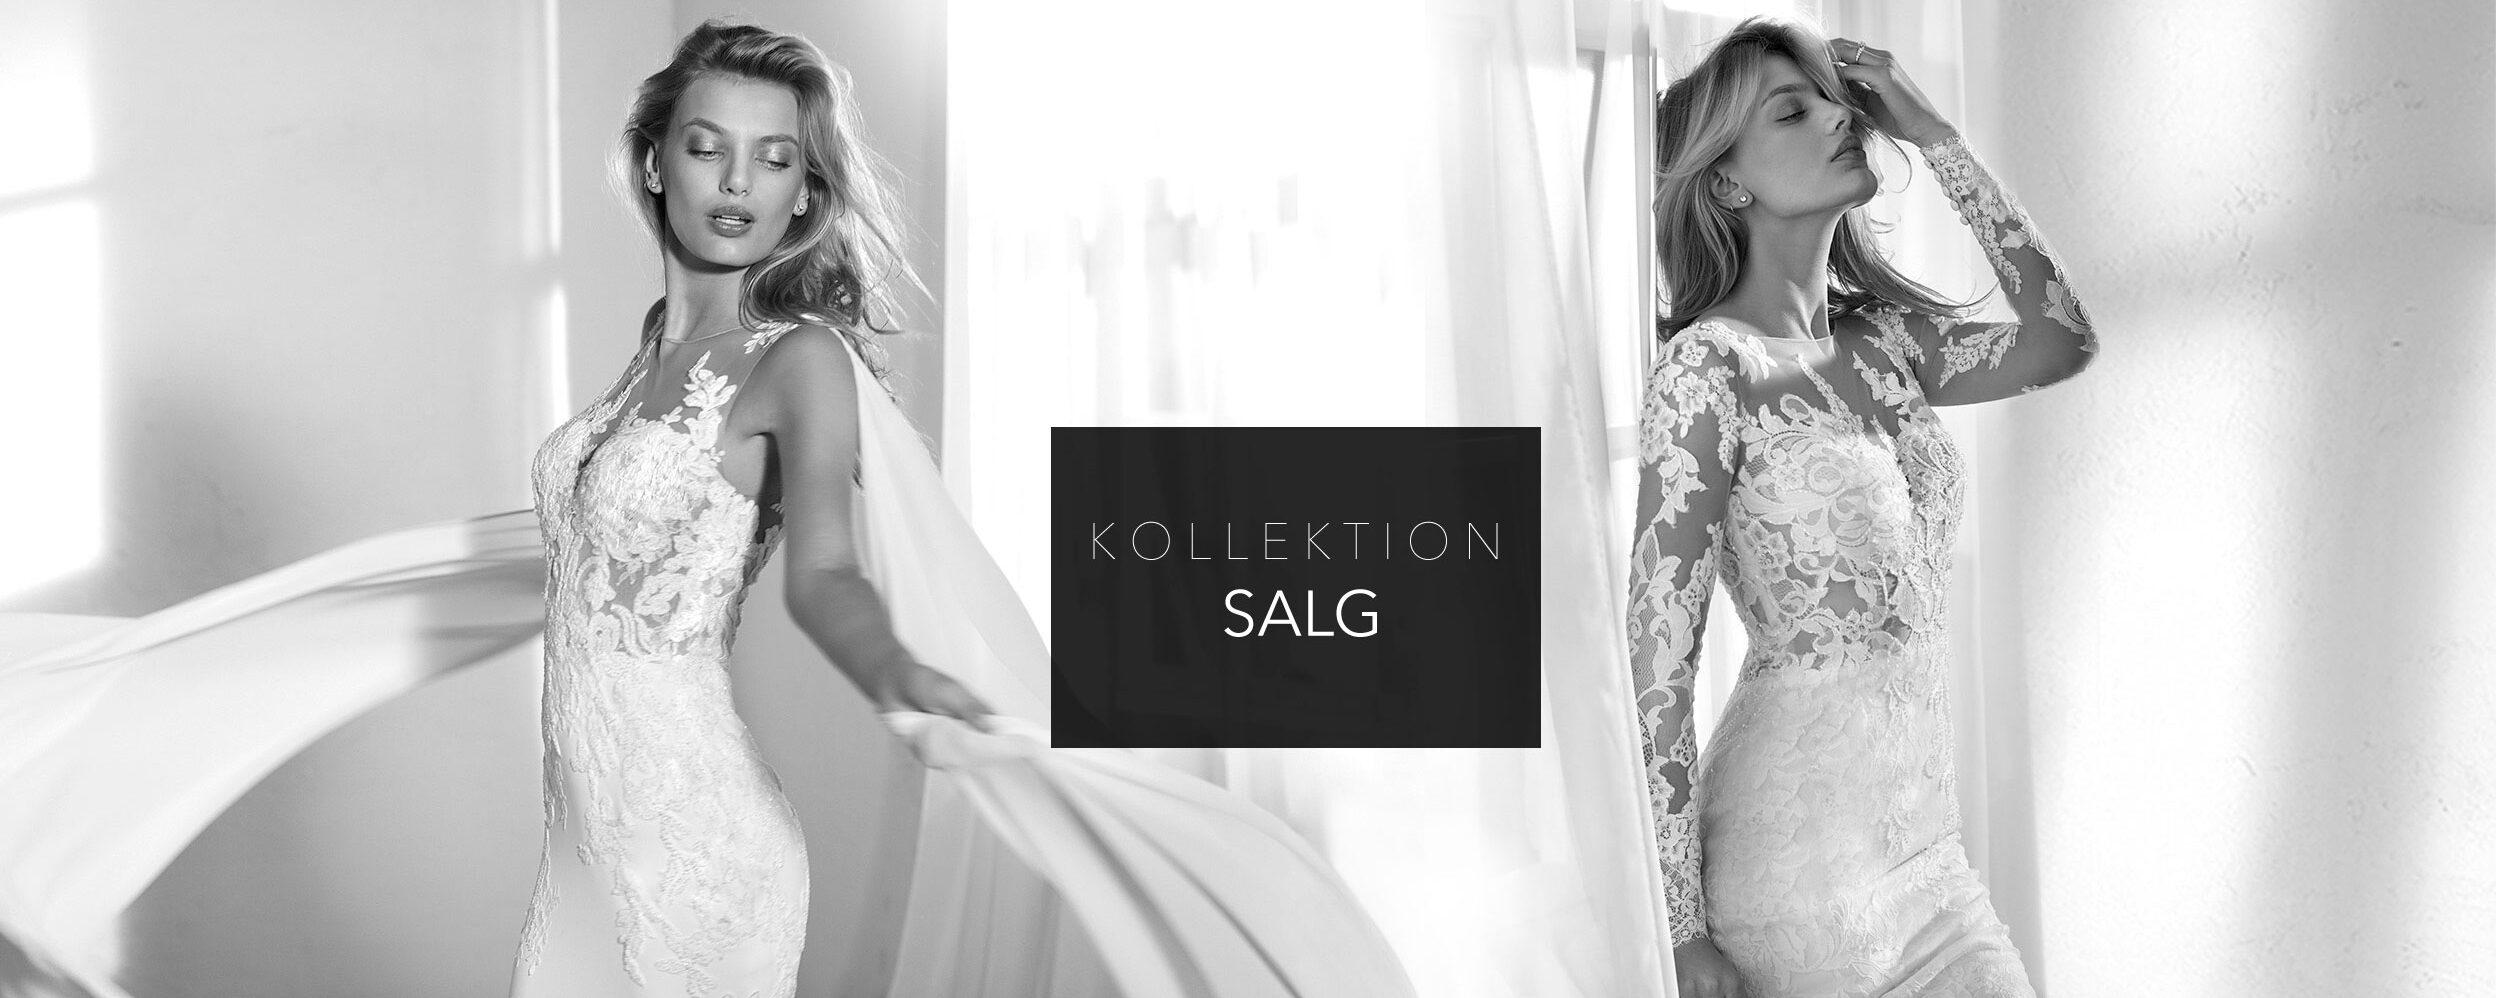 KOLLEKTION_SALG_COPENHAGEN_BRIDAL_2020